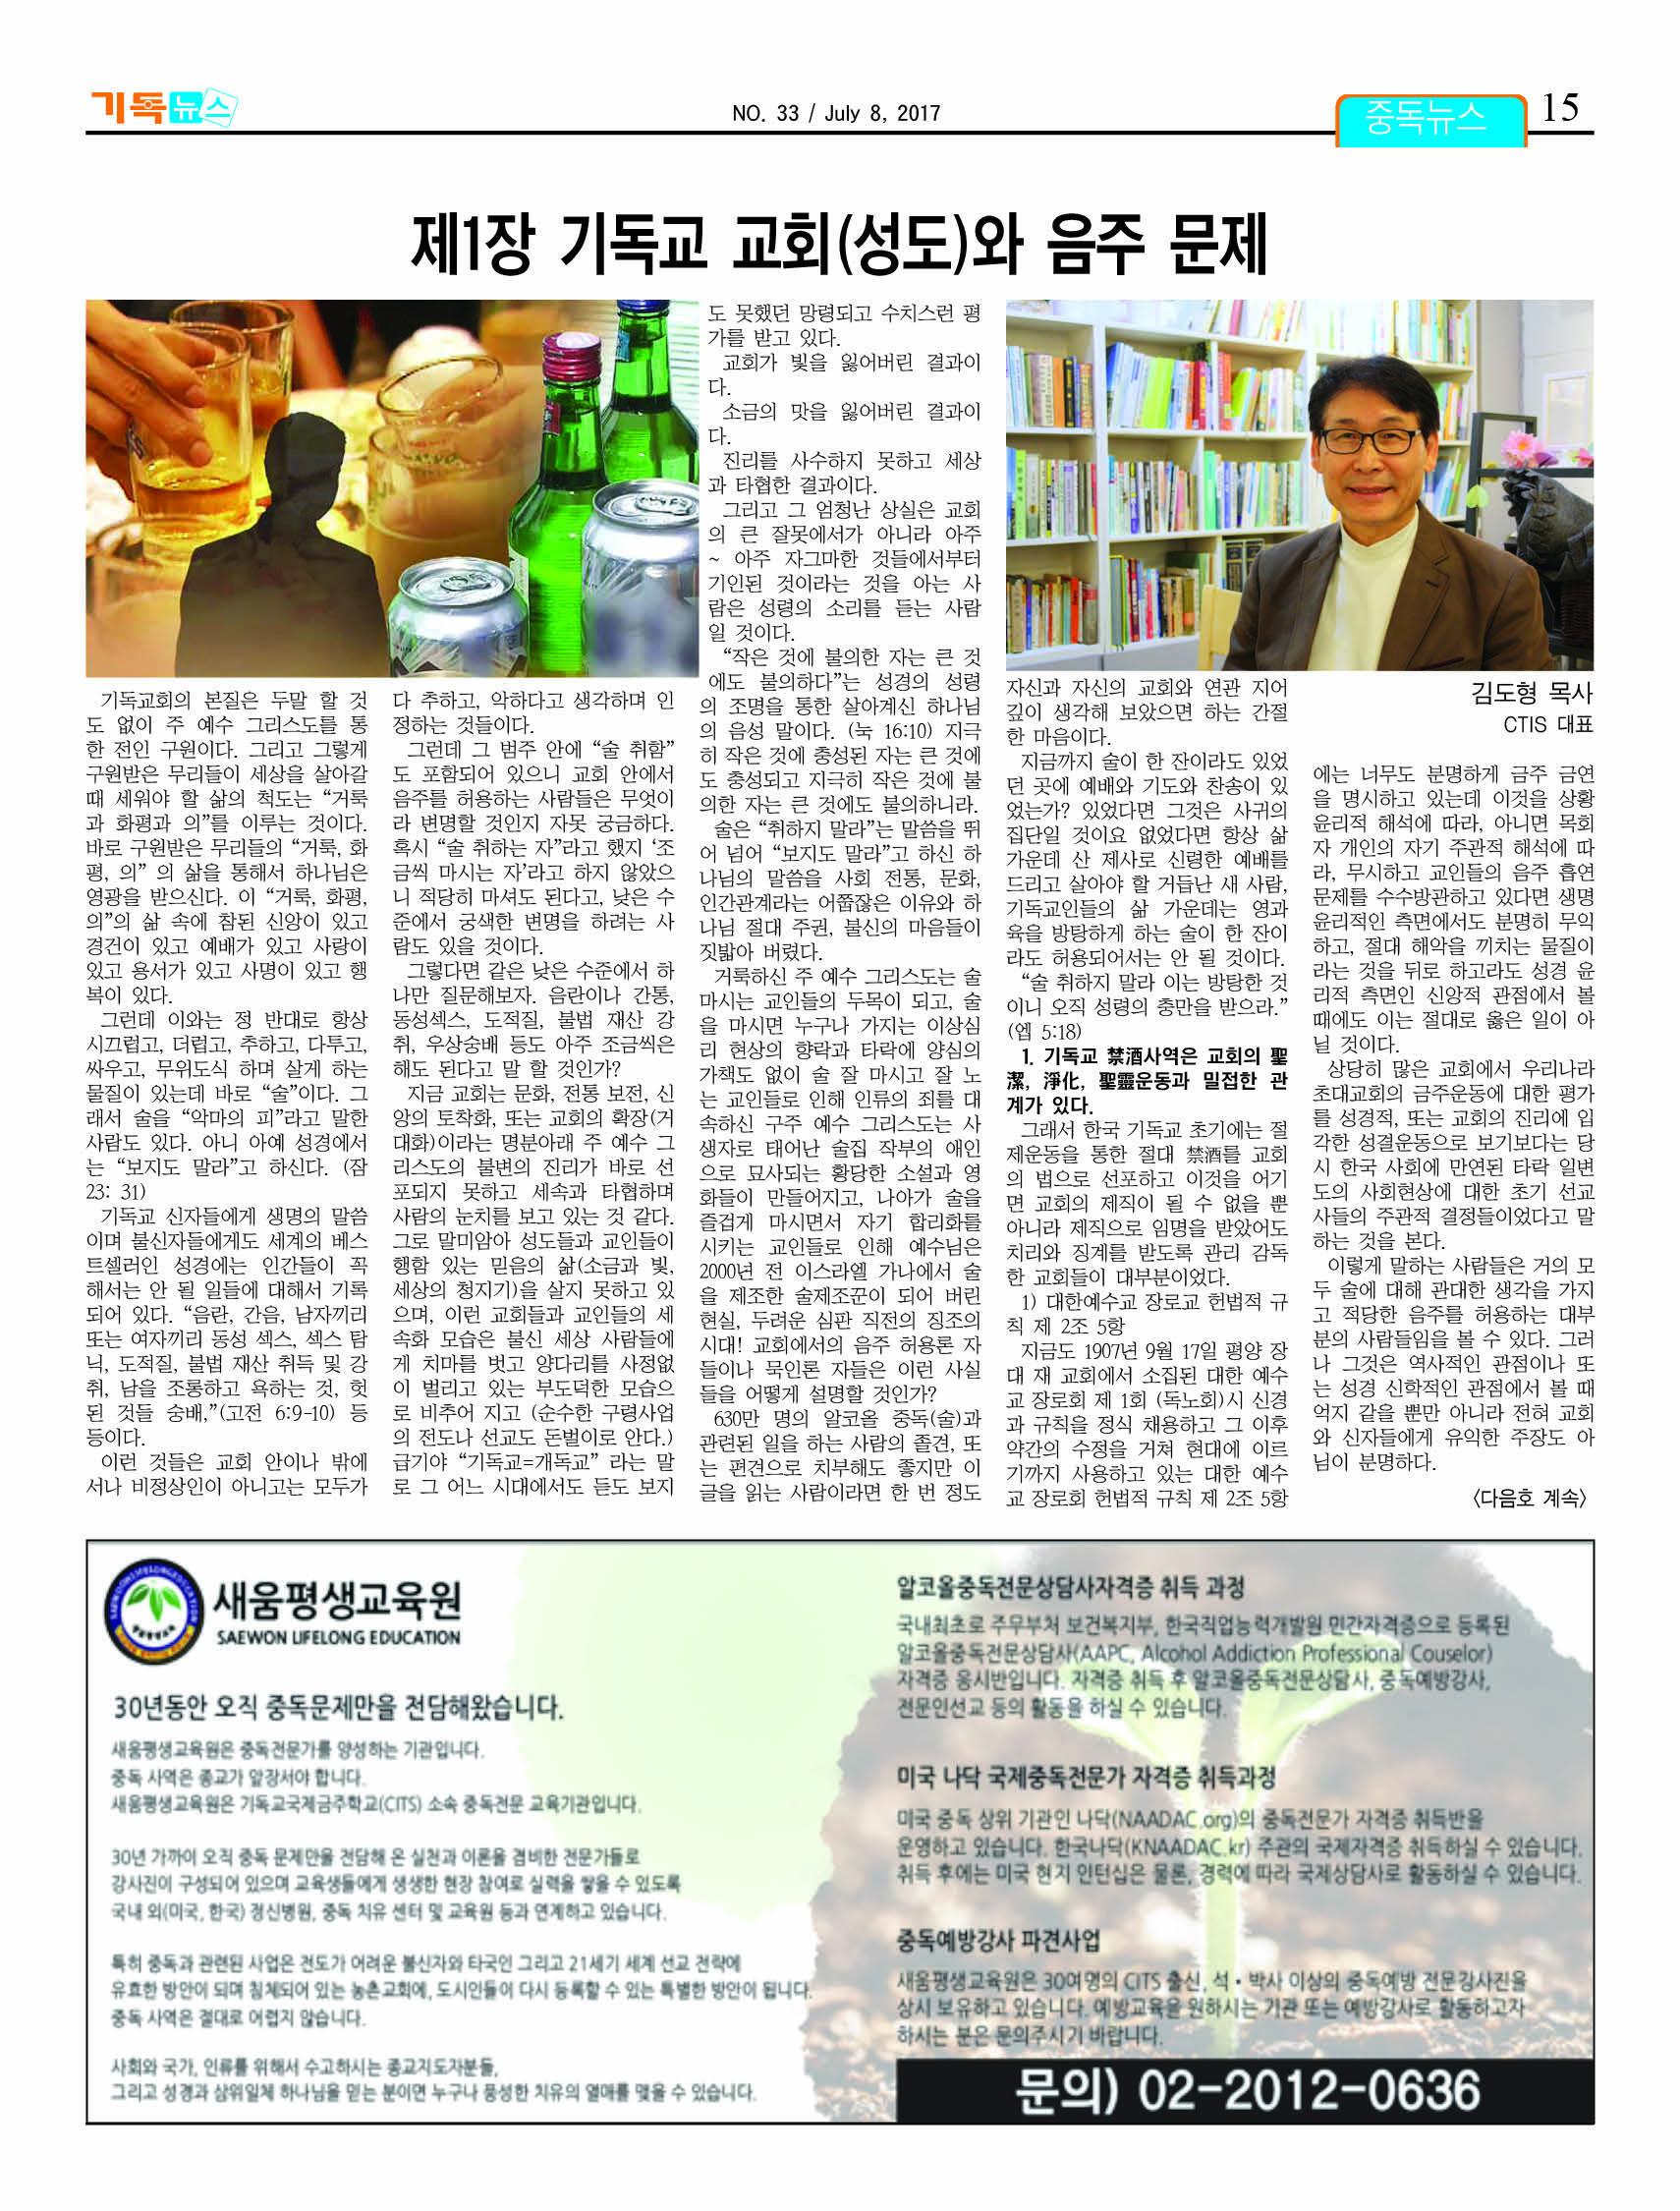 2. 대표 김도형 목사님 칼럼 2면.jpg